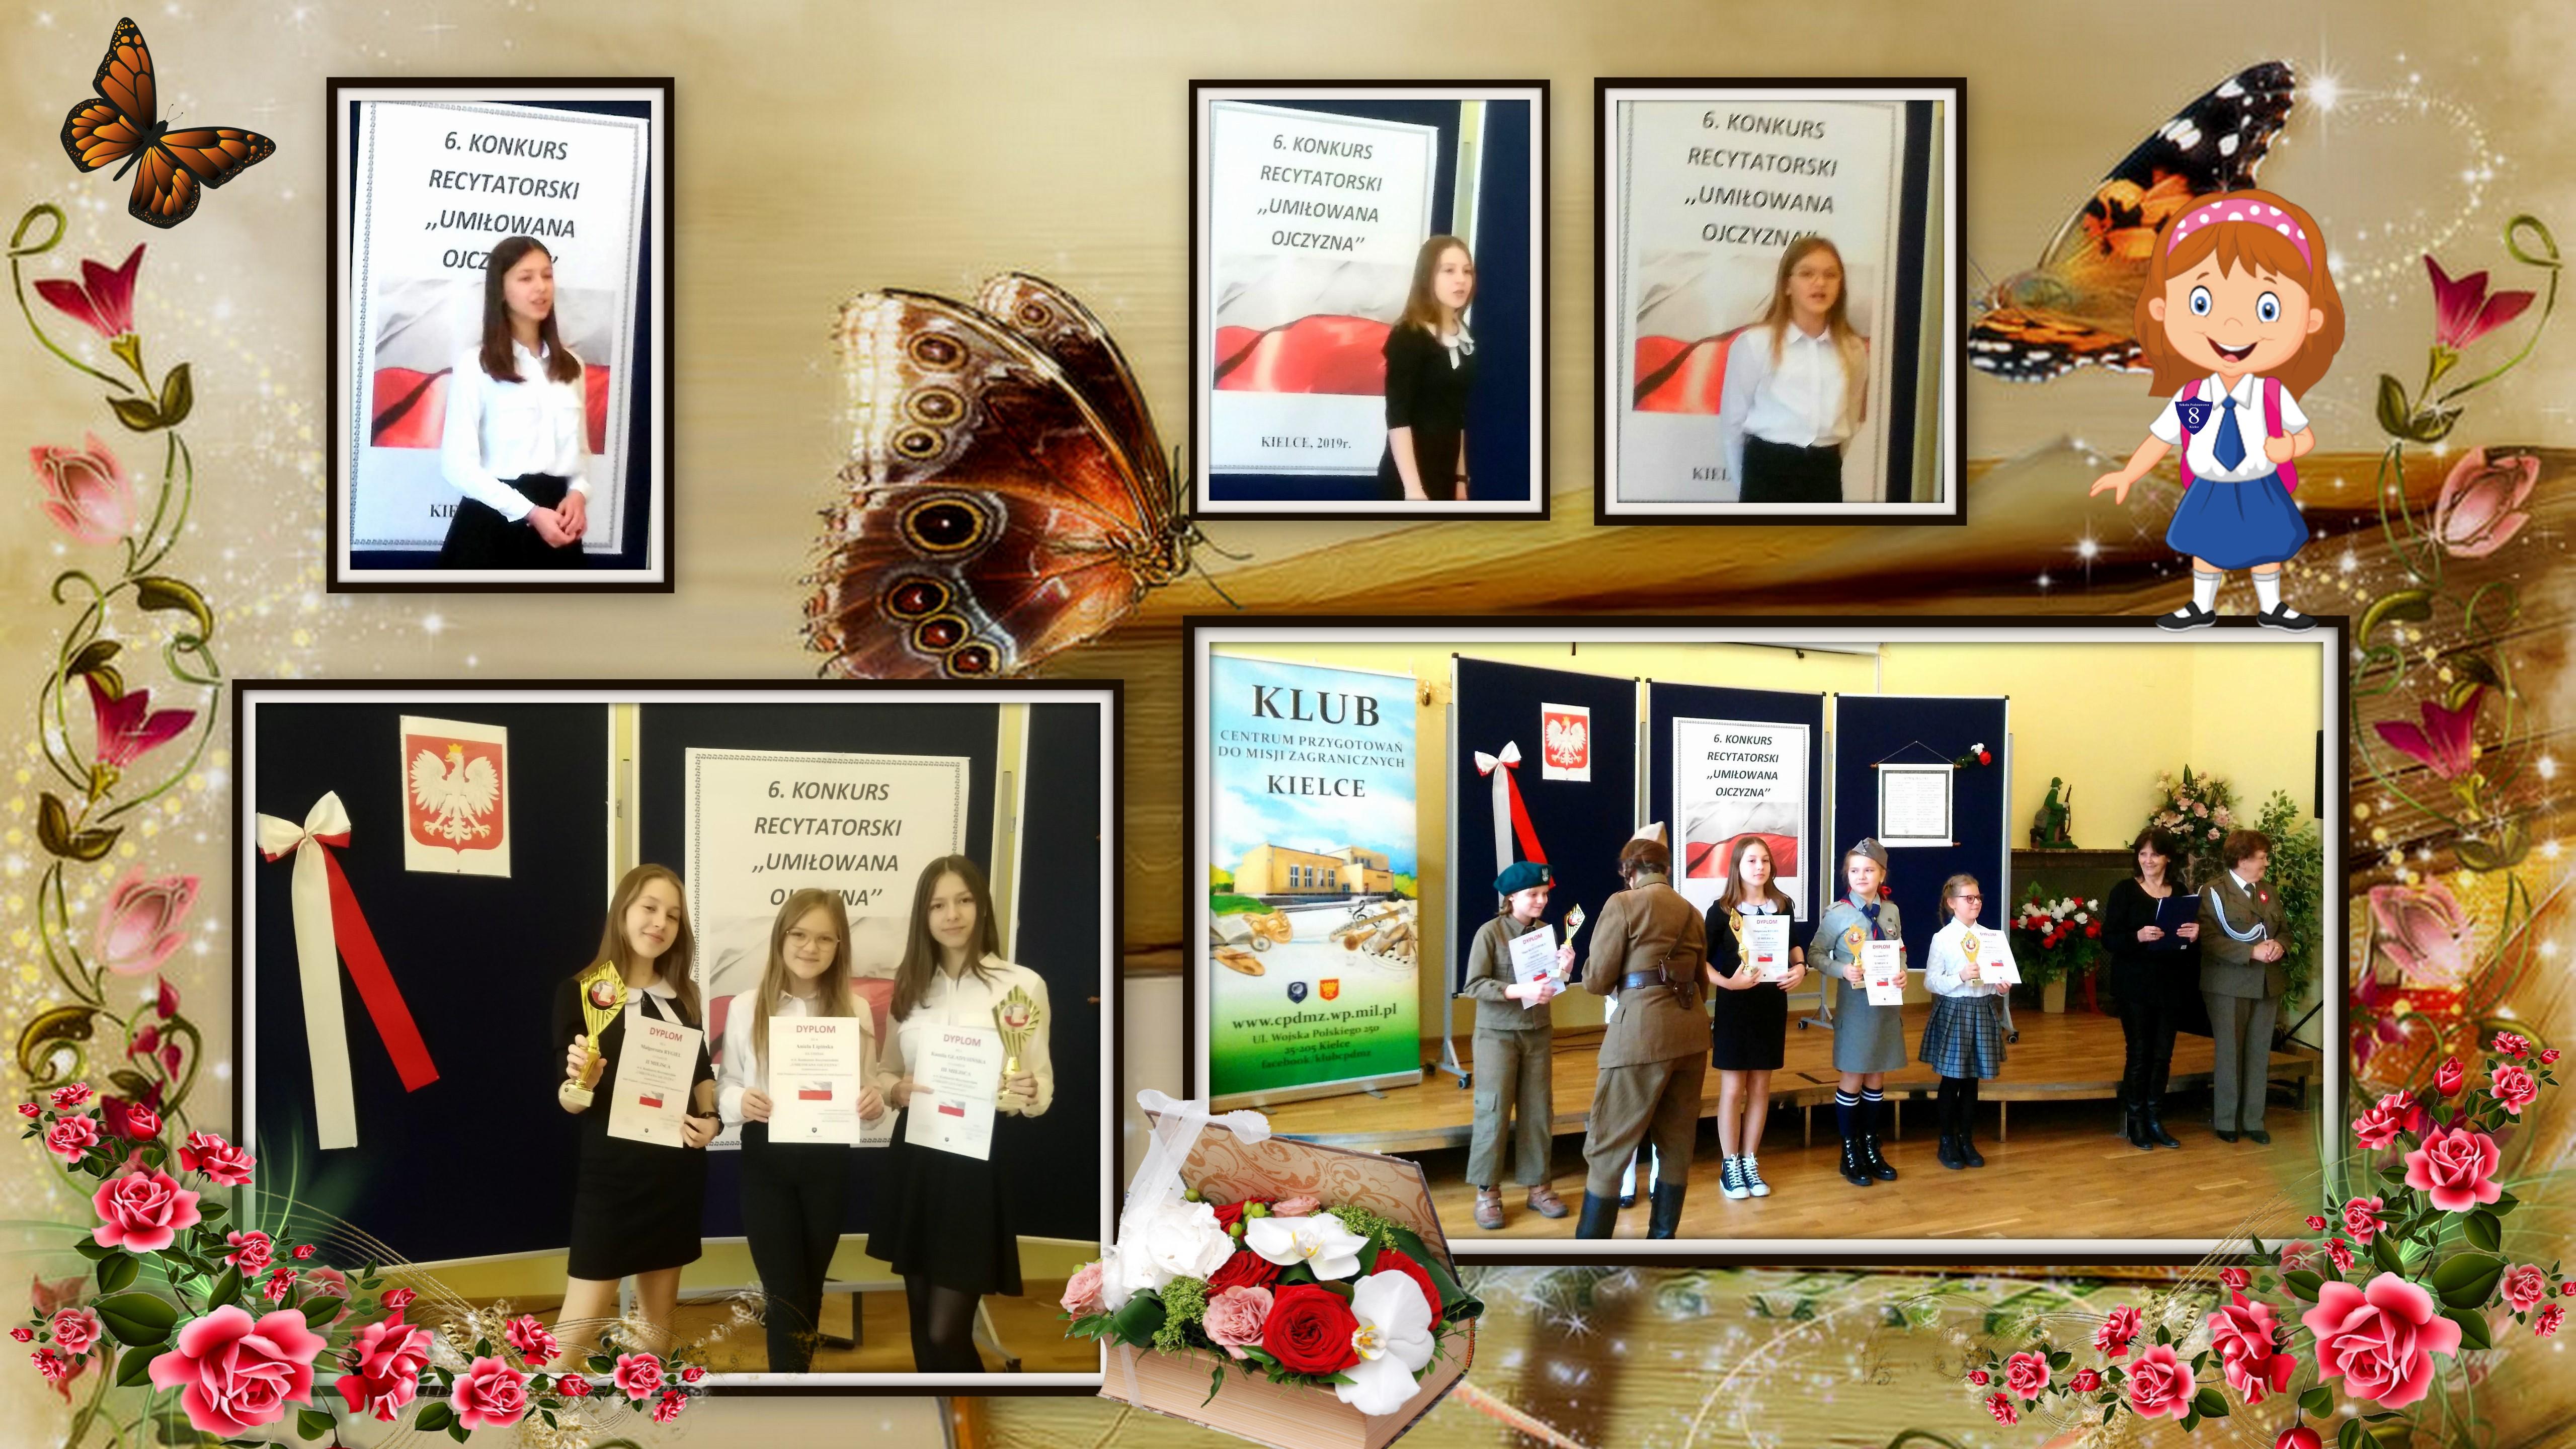 Szkoła Podstawowa Nr 8 W Kielcach Konkurs Recytatorski